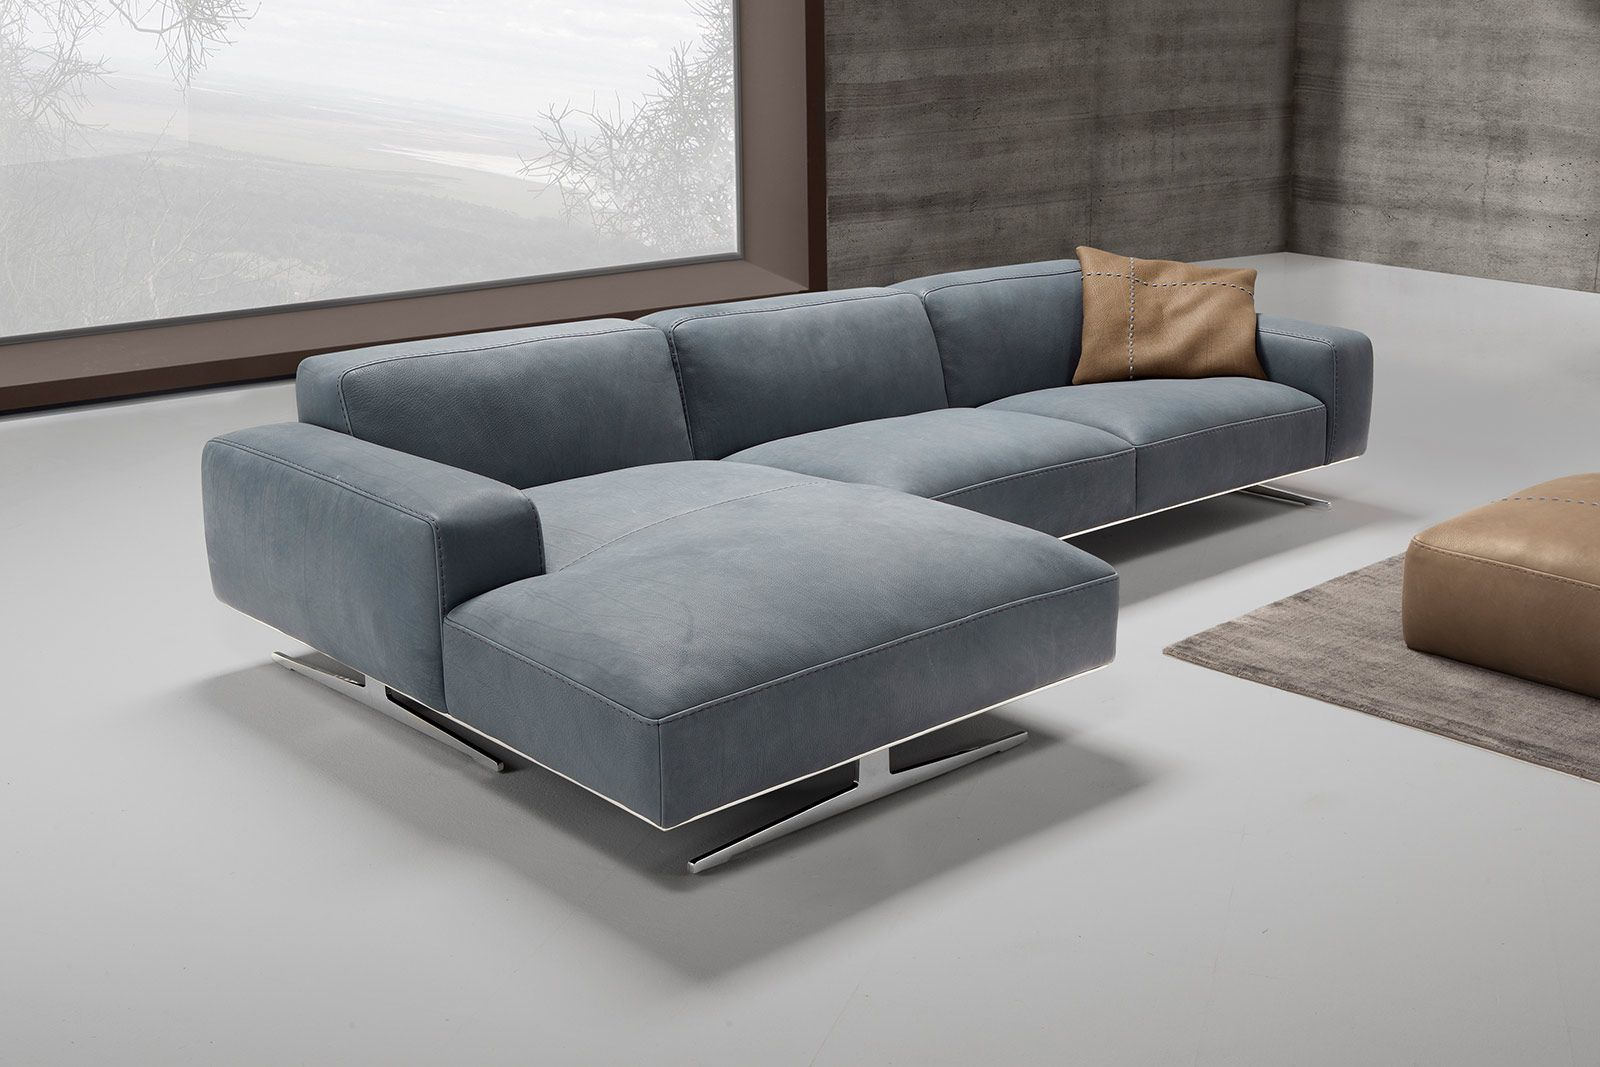 Biondi divano con penisola realizzato interamente in for Divano in pelle con penisola